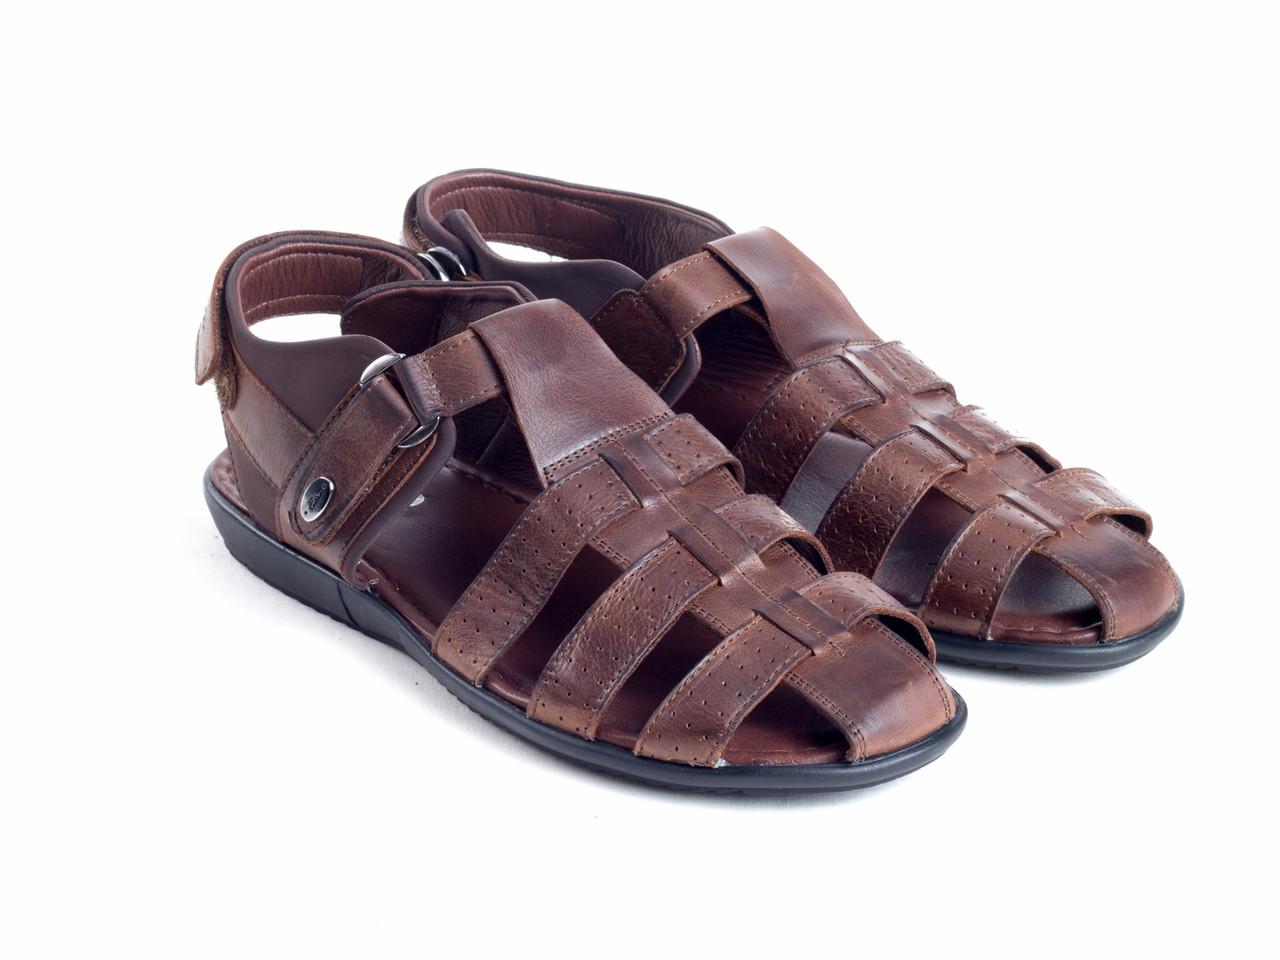 Сандалии Etor 637-13203-2 41 коричневые